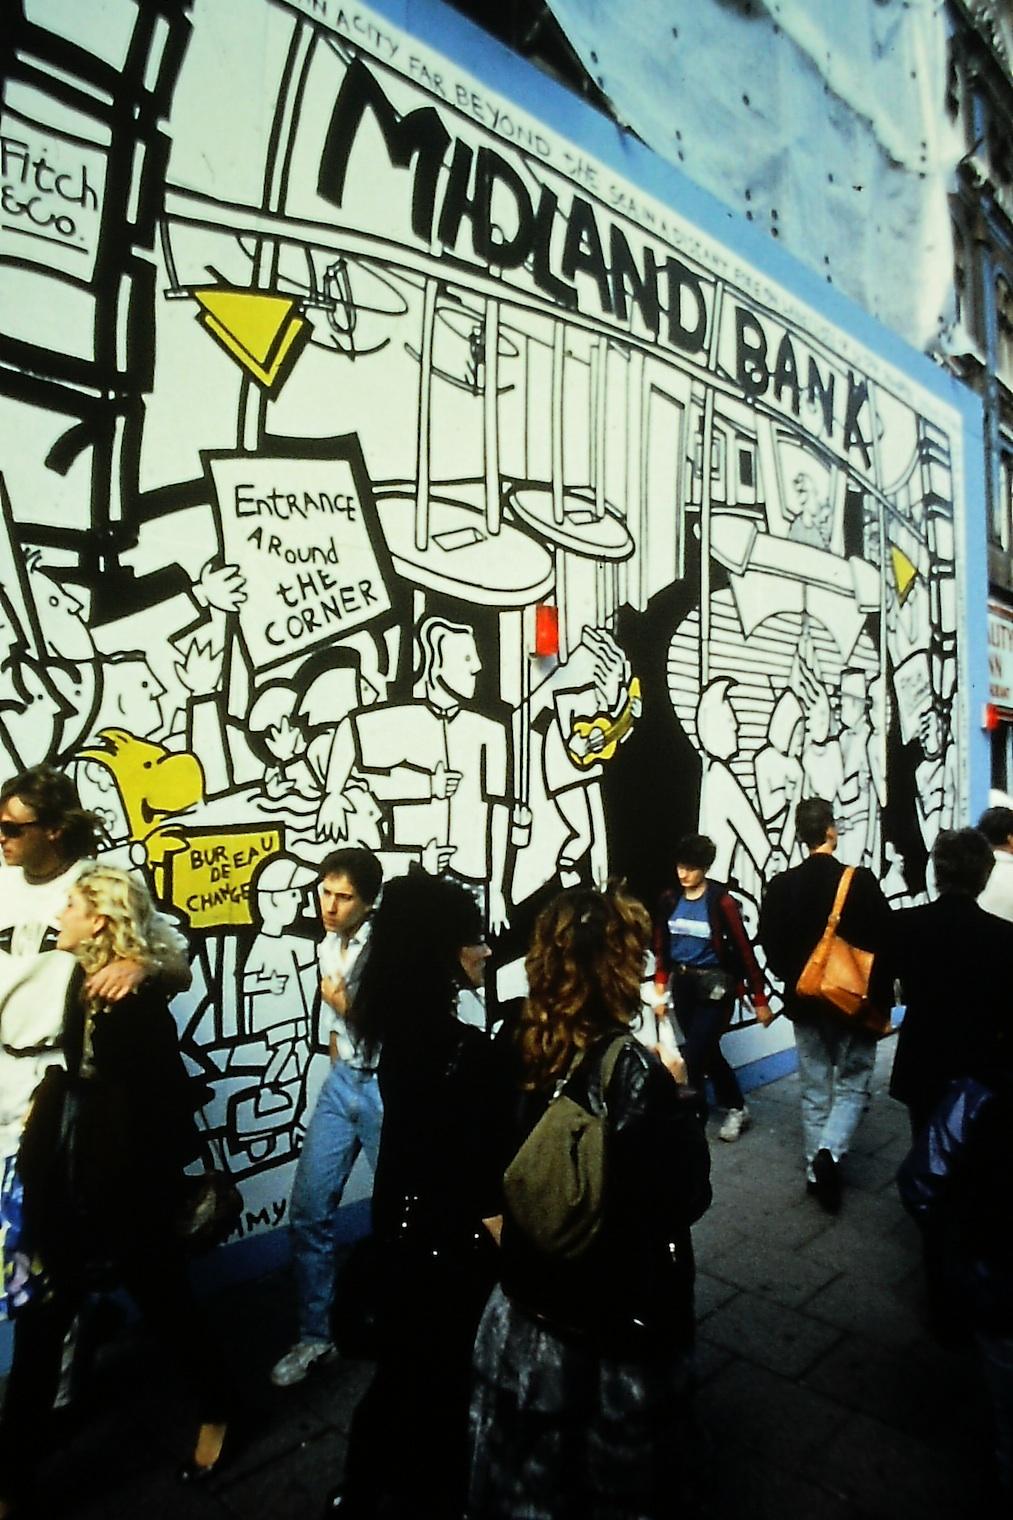 Midland Bank Murals 1988 - 1990